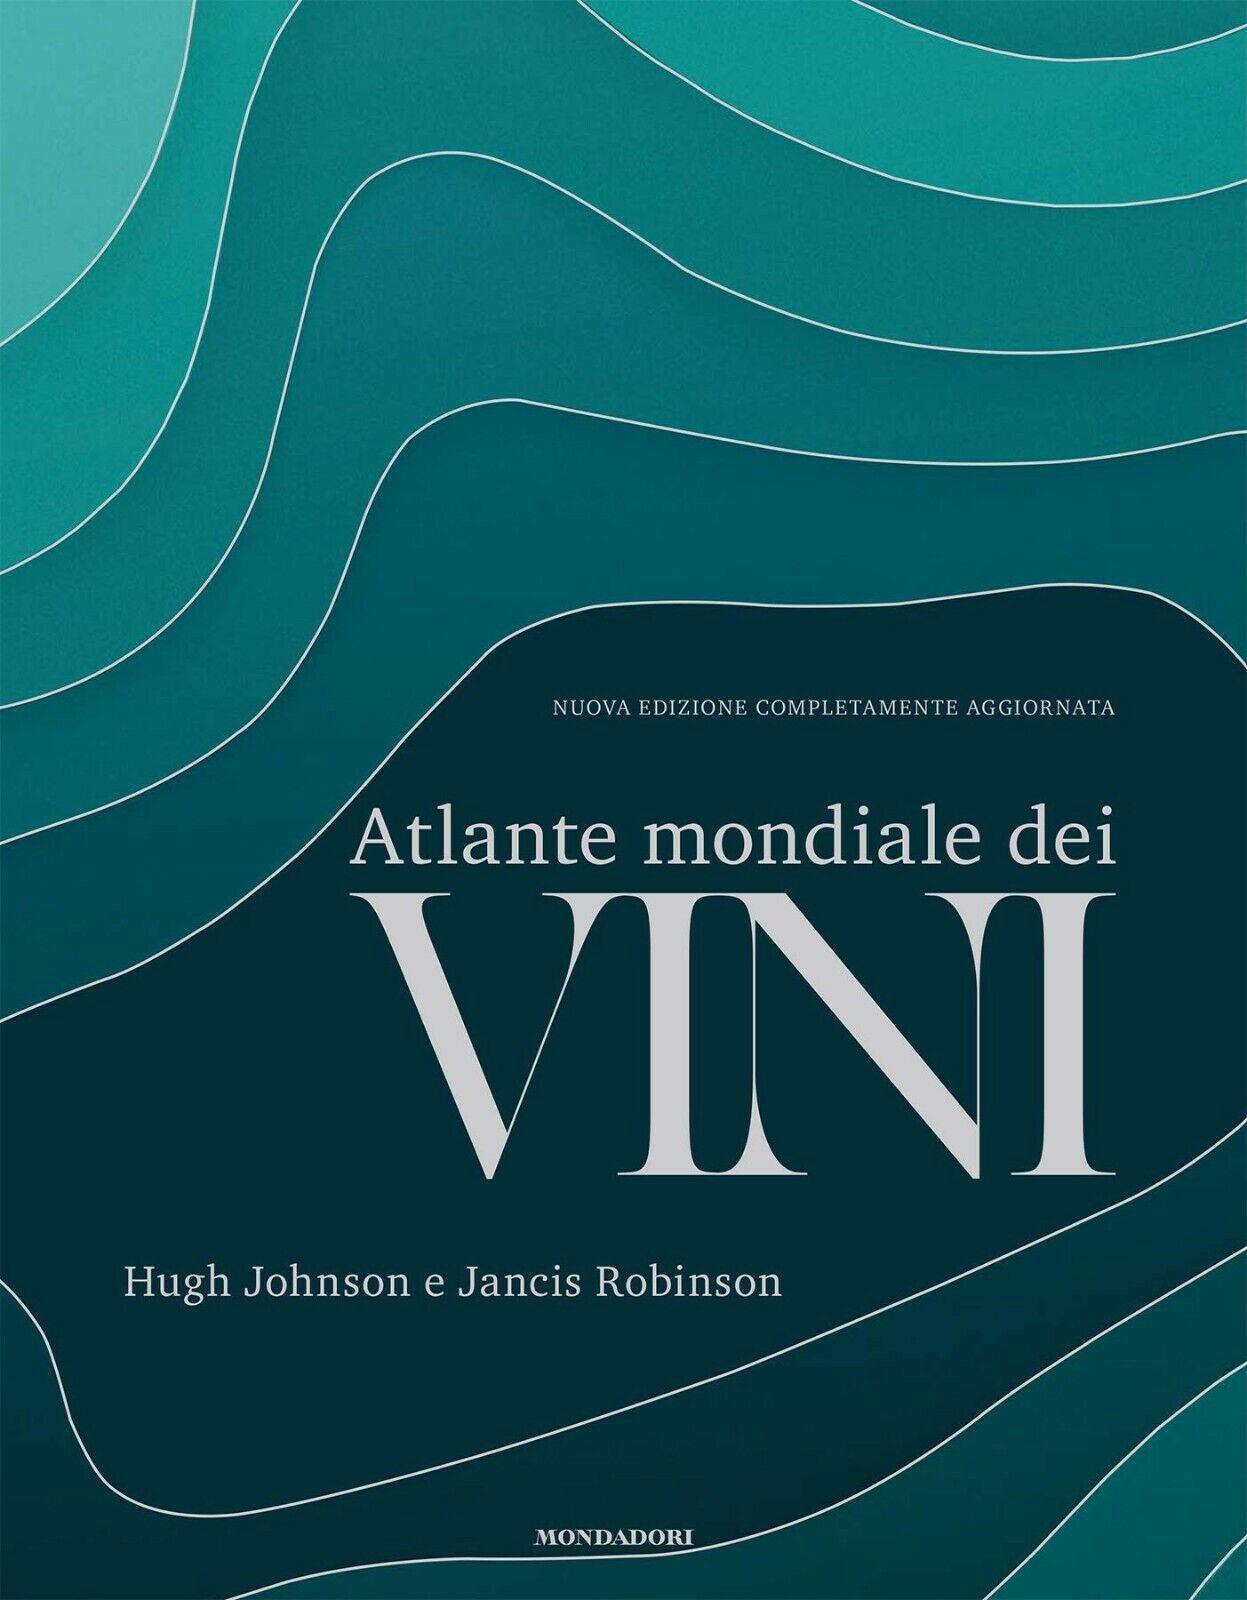 Atlante mondiale dei vini. Nuova edizione NUOVO DA LIBRERIA